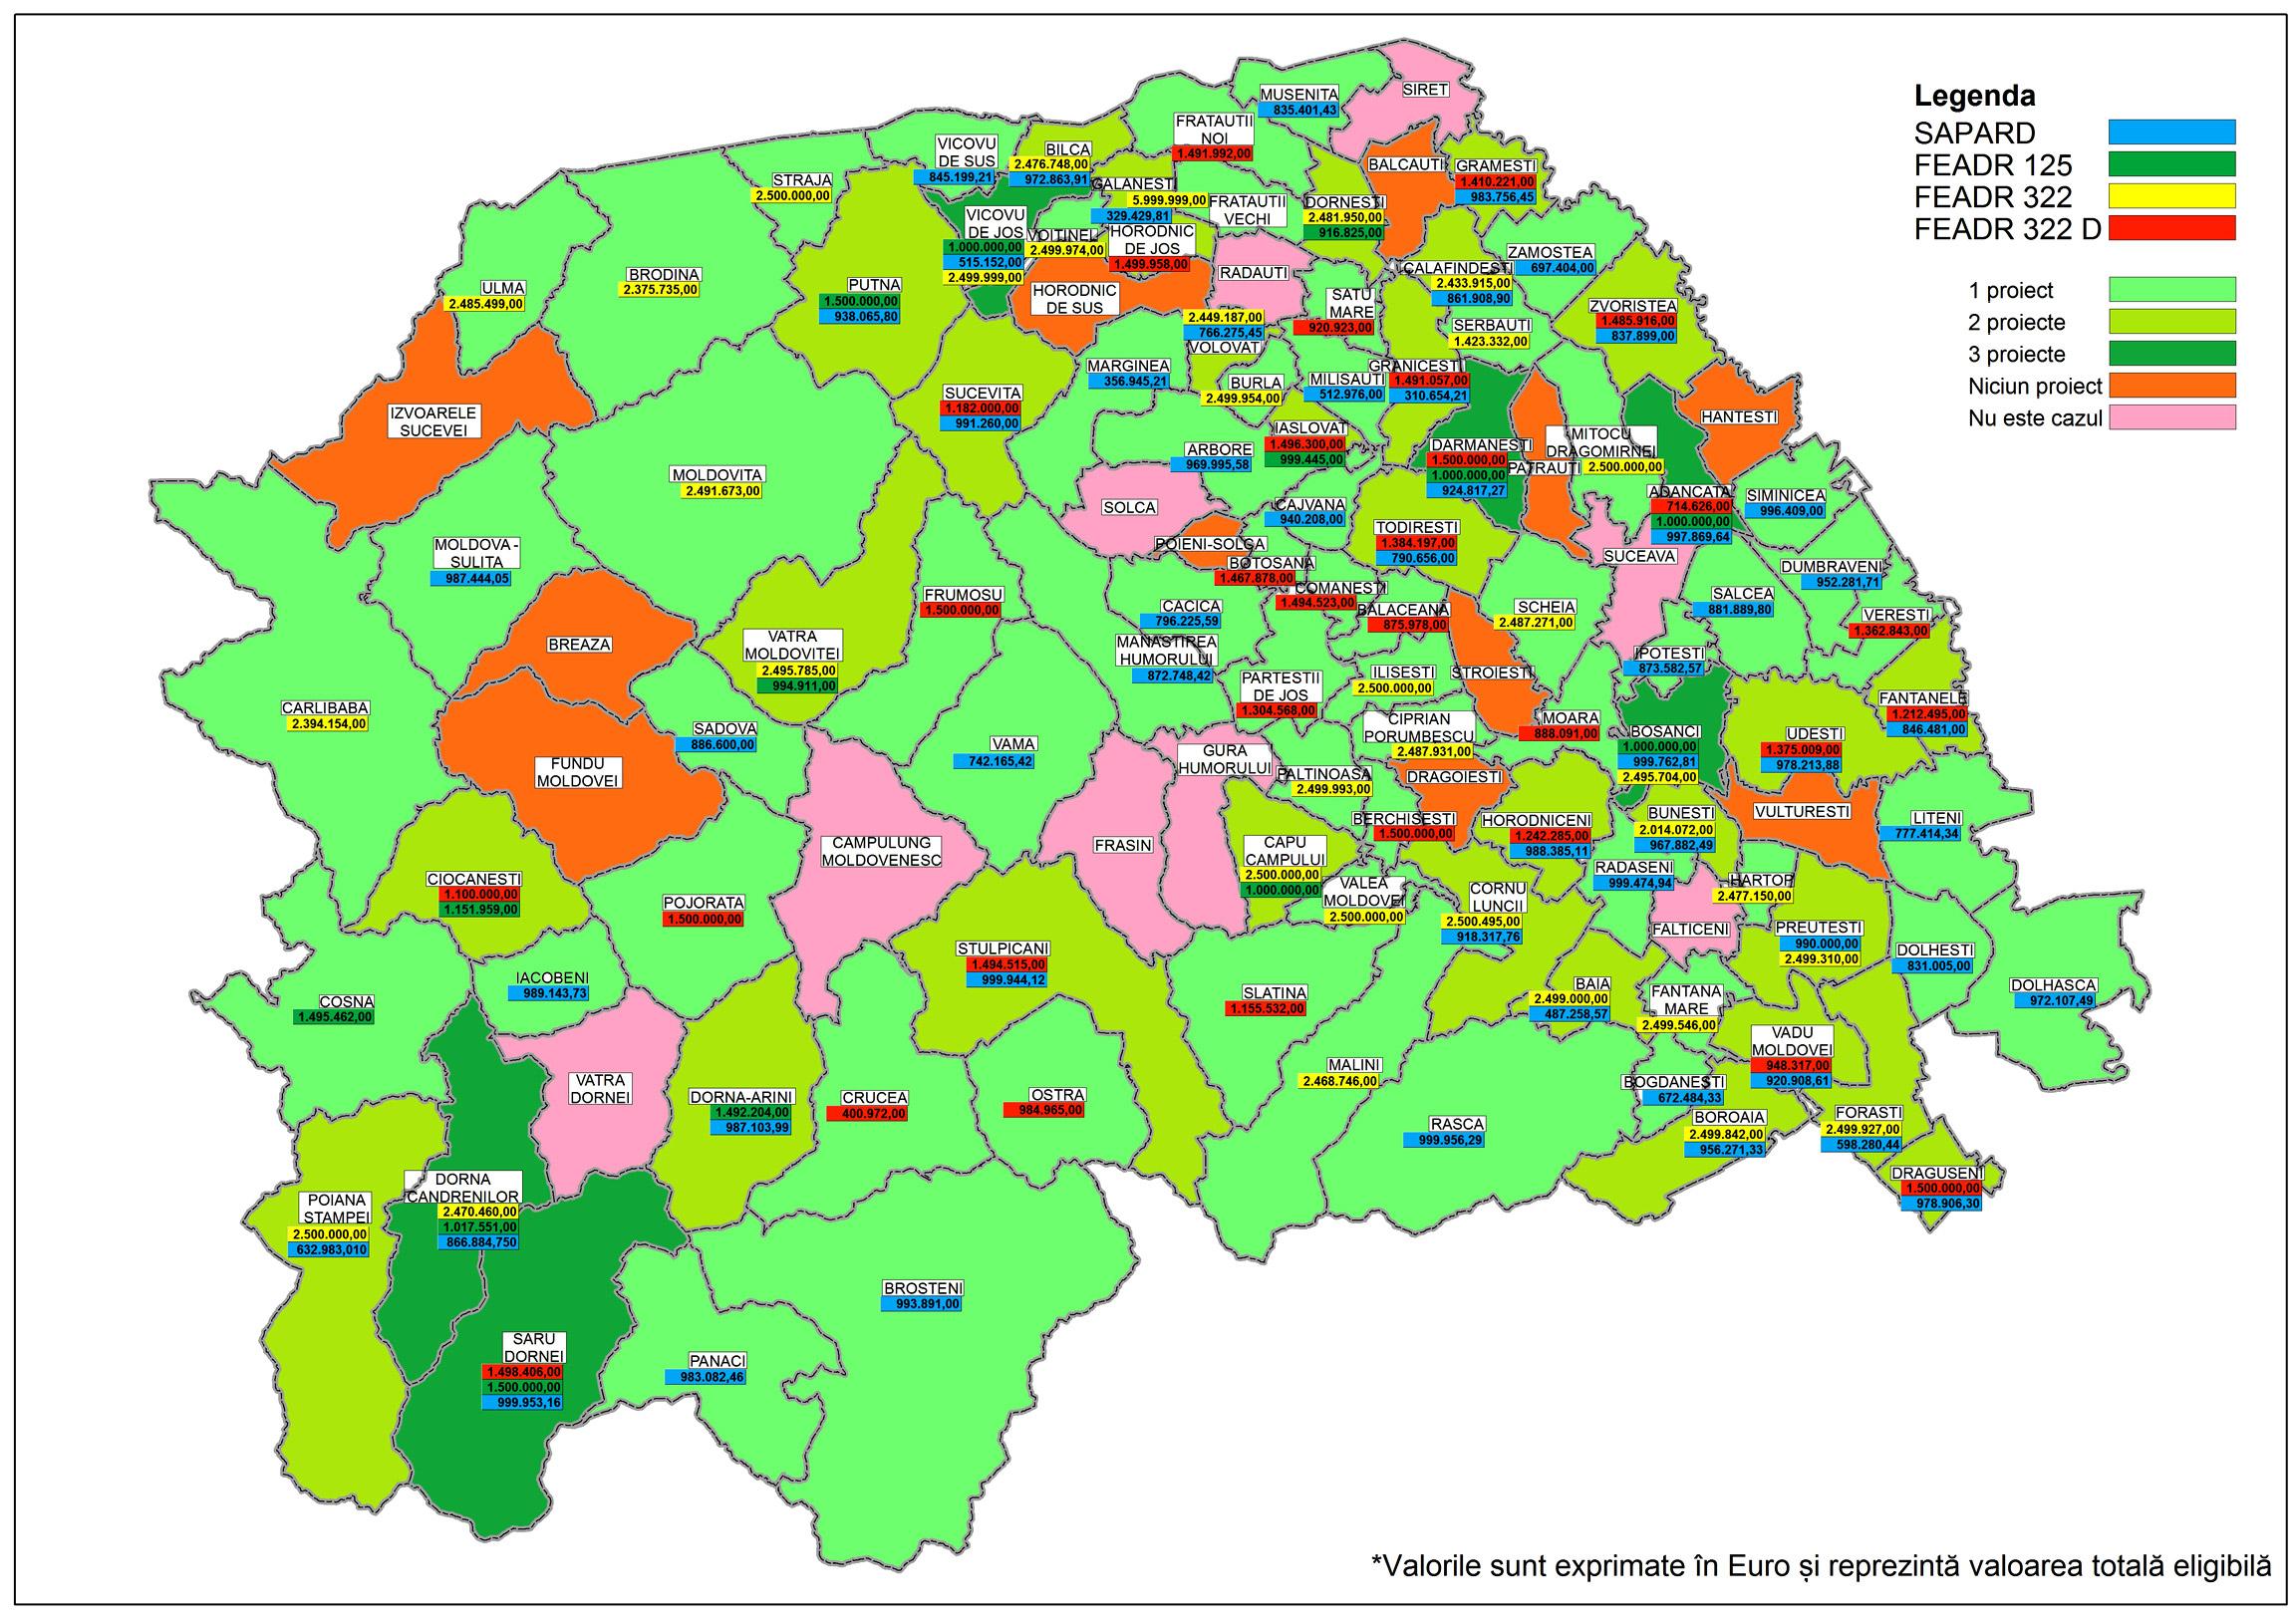 Local Harta Absorbtiei Fondurilor Europene In Judetul Suceava